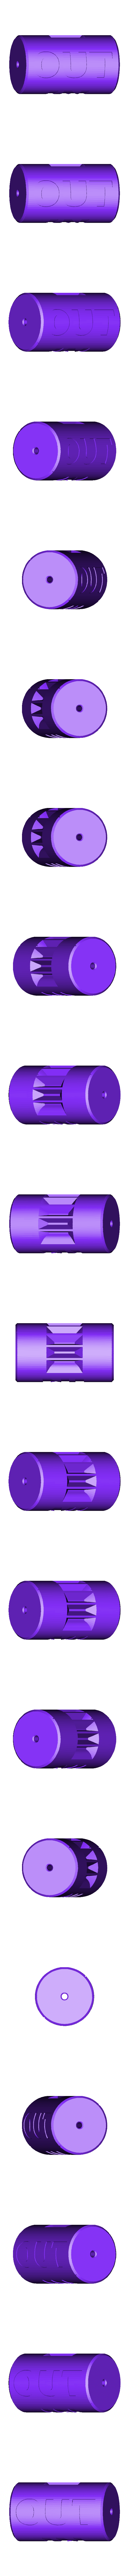 embolo.stl Télécharger fichier STL Drapeau de signalisation du détenteur de la clé • Modèle pour imprimante 3D, TRex